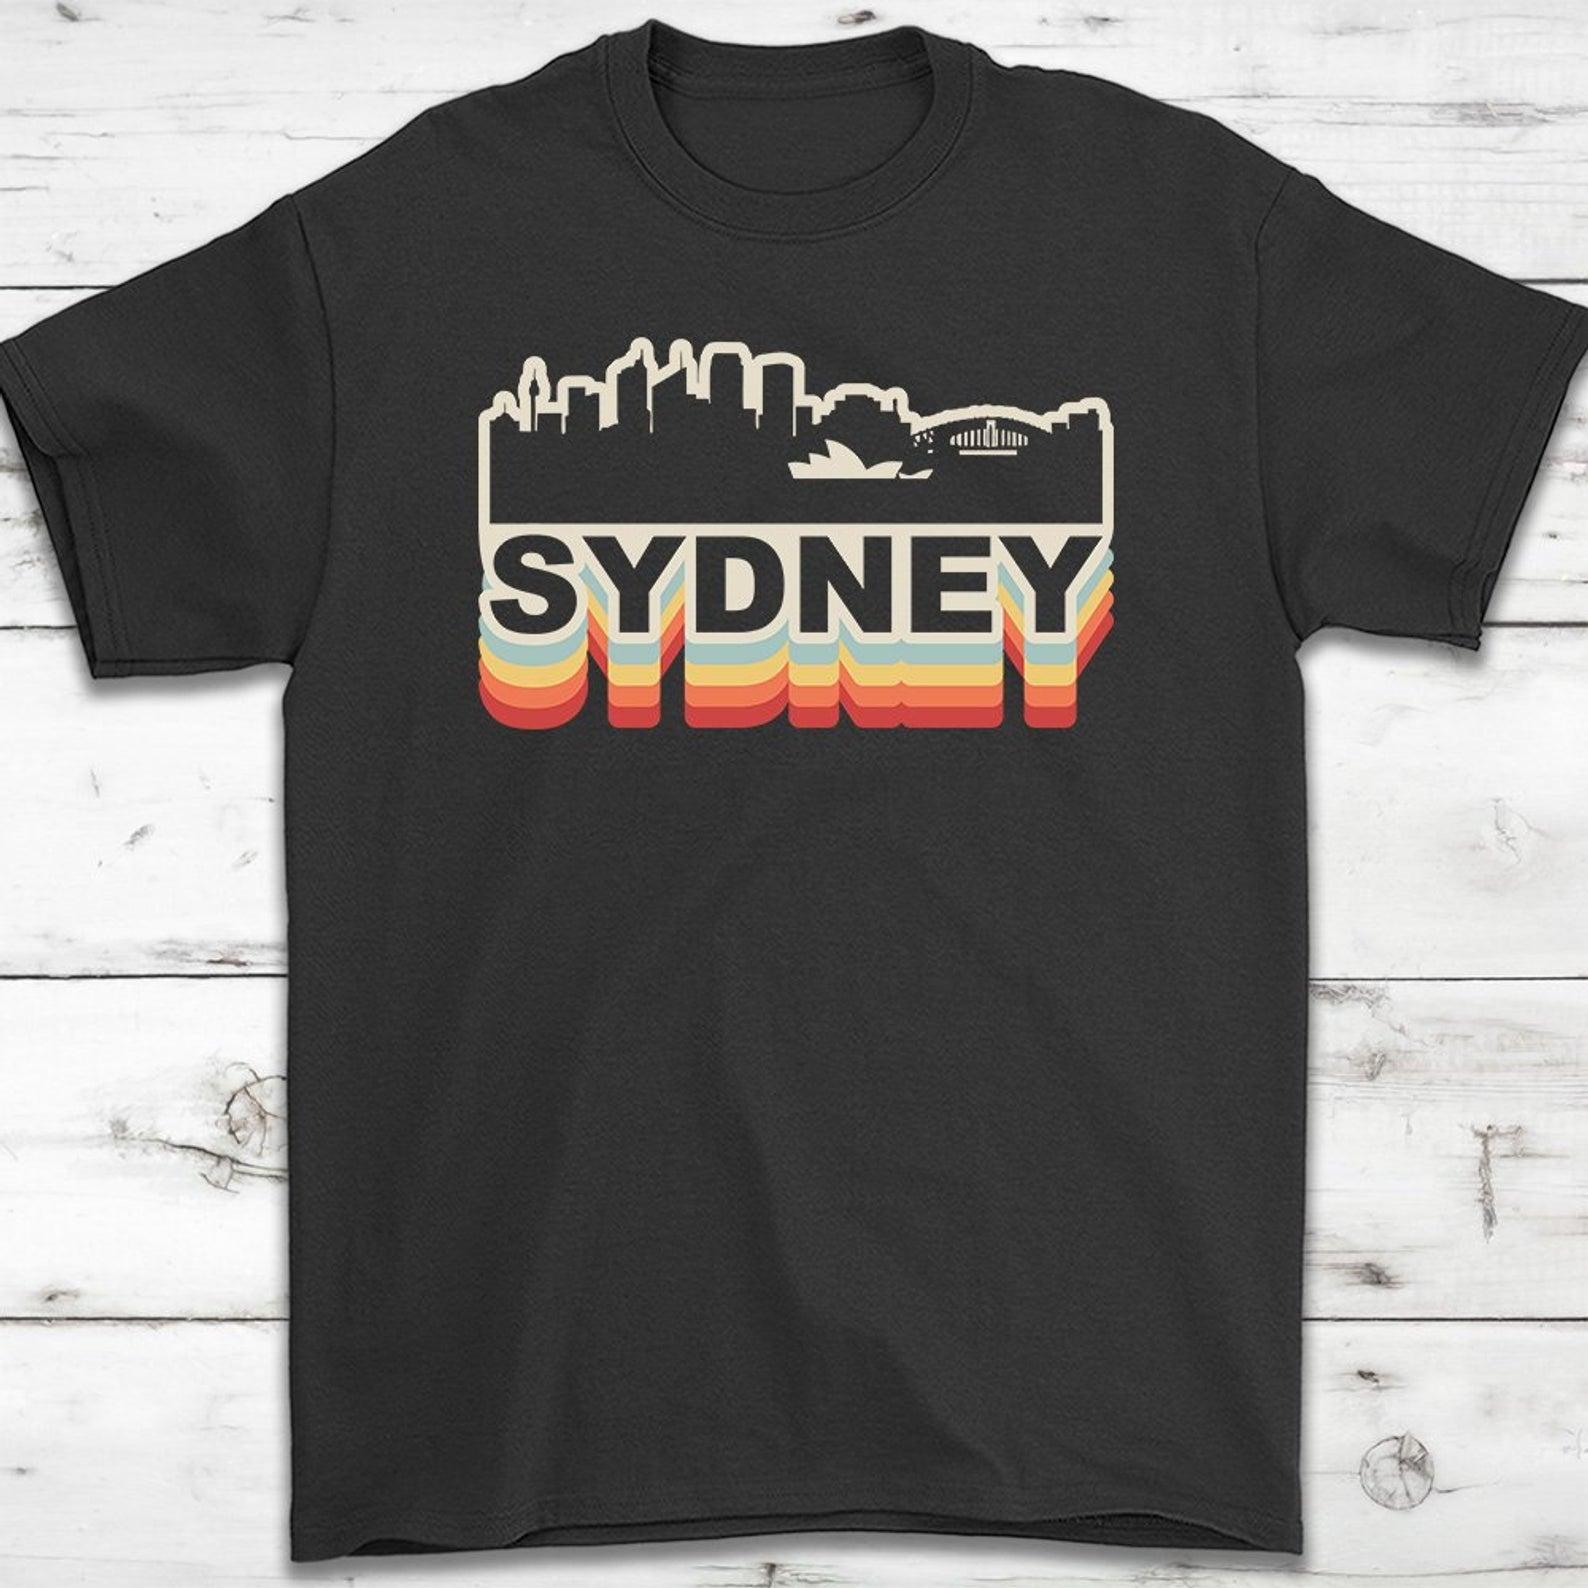 Sydney-tshirt-1